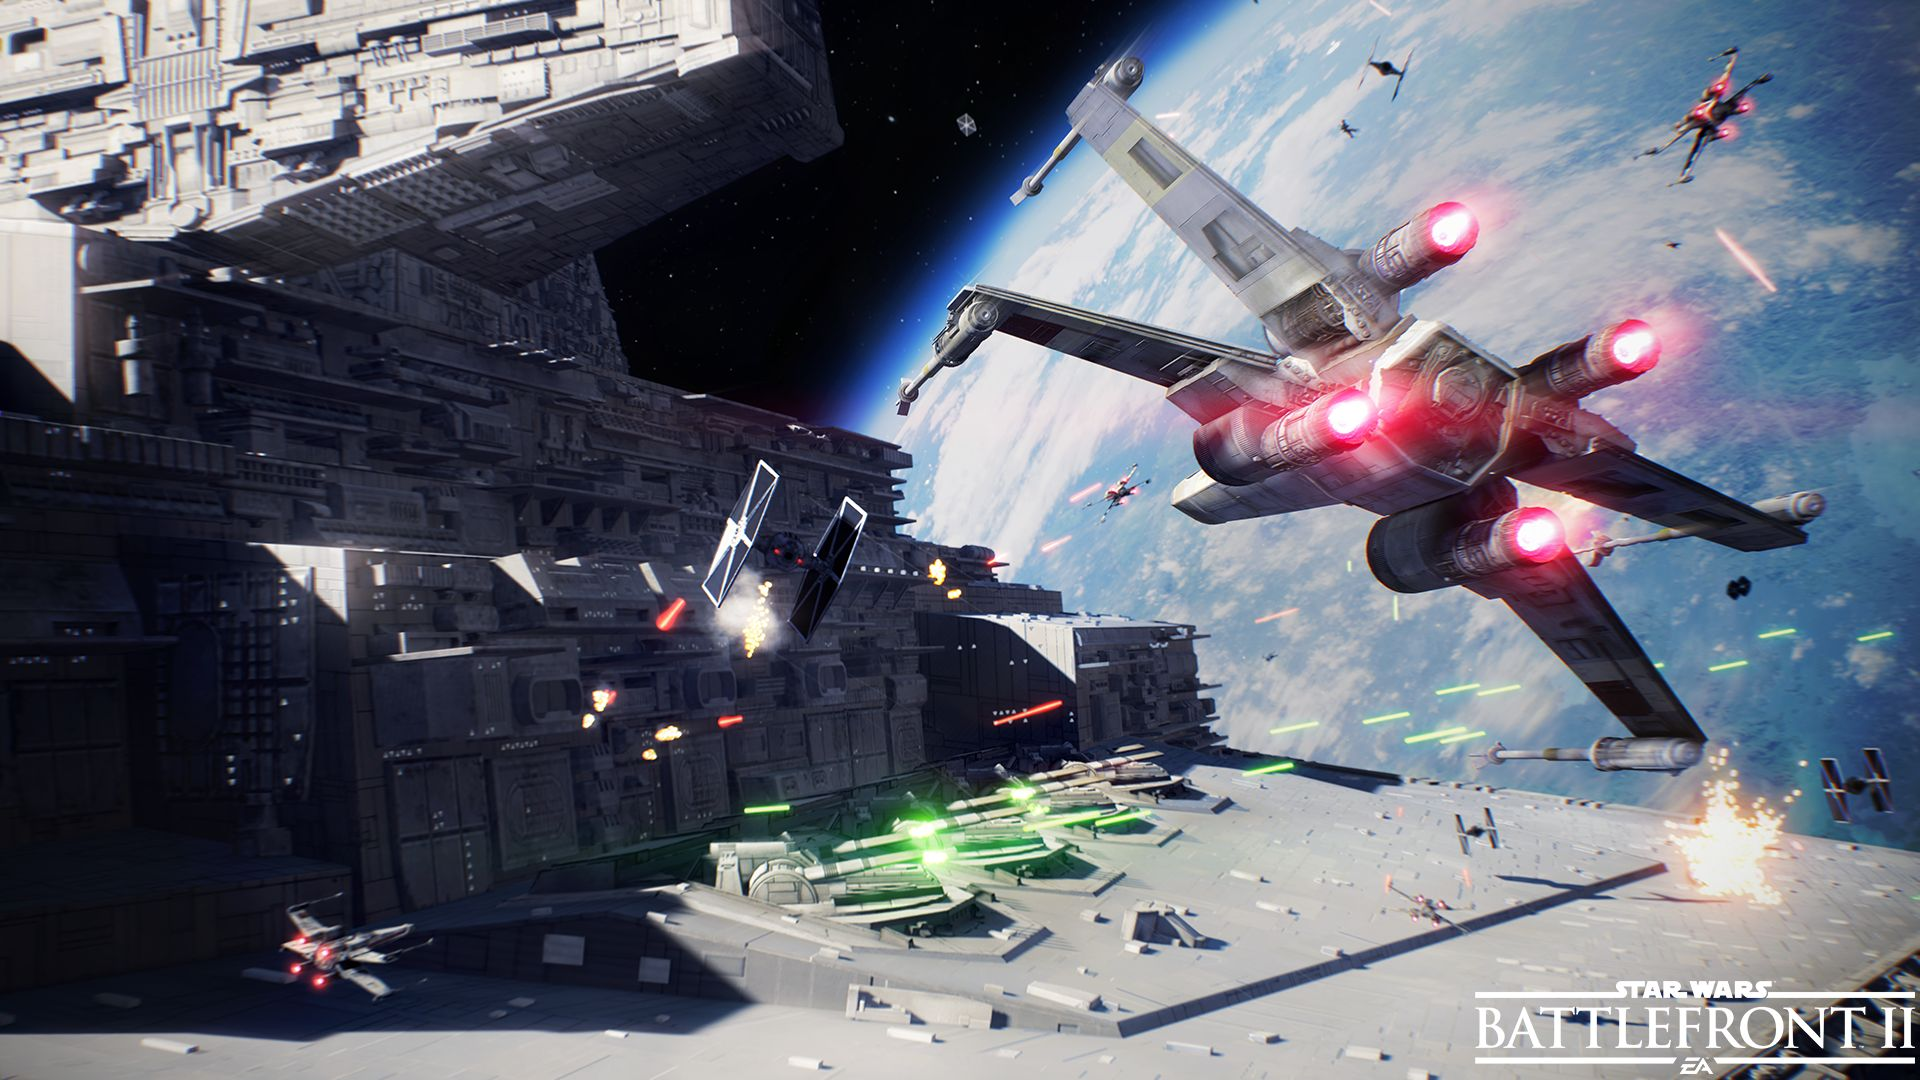 Modos de juego y mapas de Star Wars Battlefront II